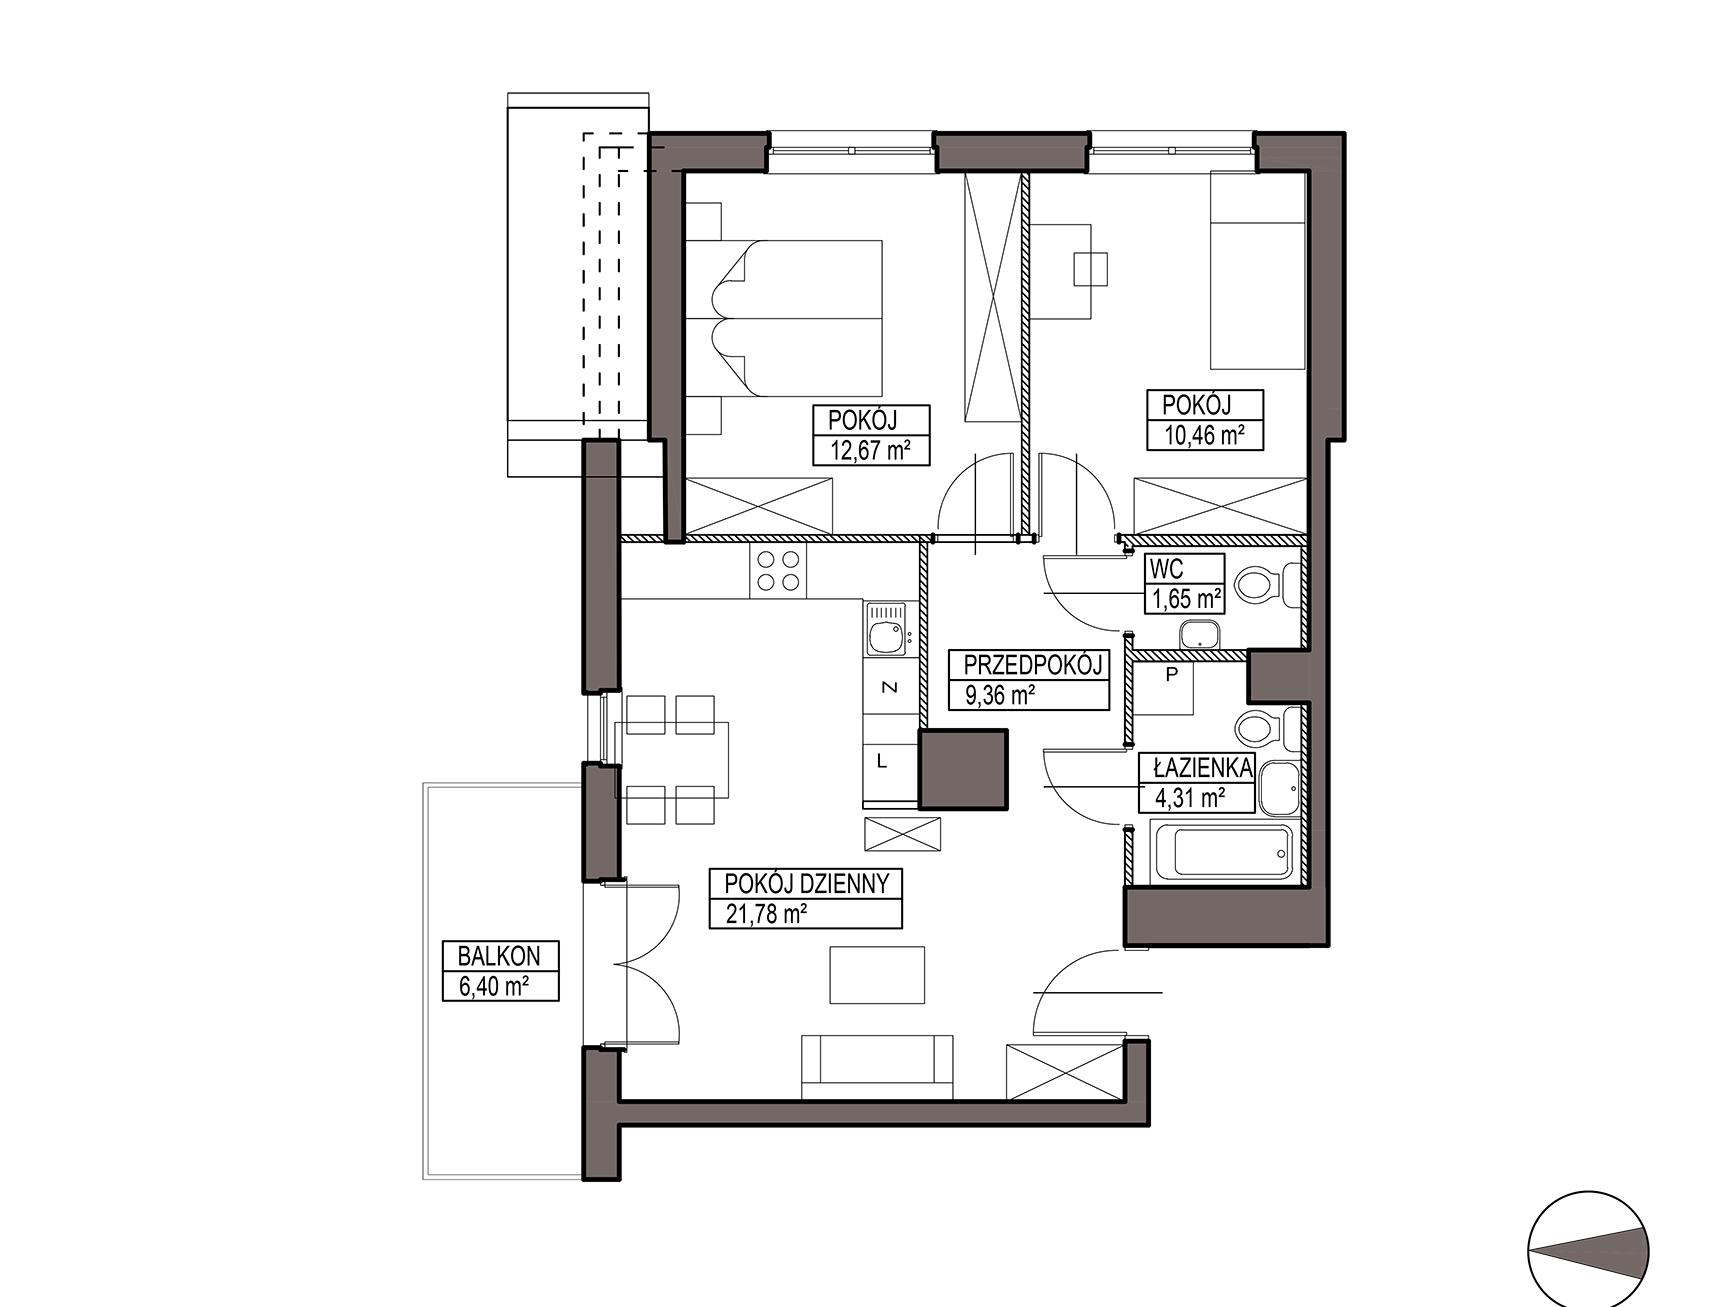 Uroczysko III / budynek 6 / mieszkanie H/3/30 rzut 1